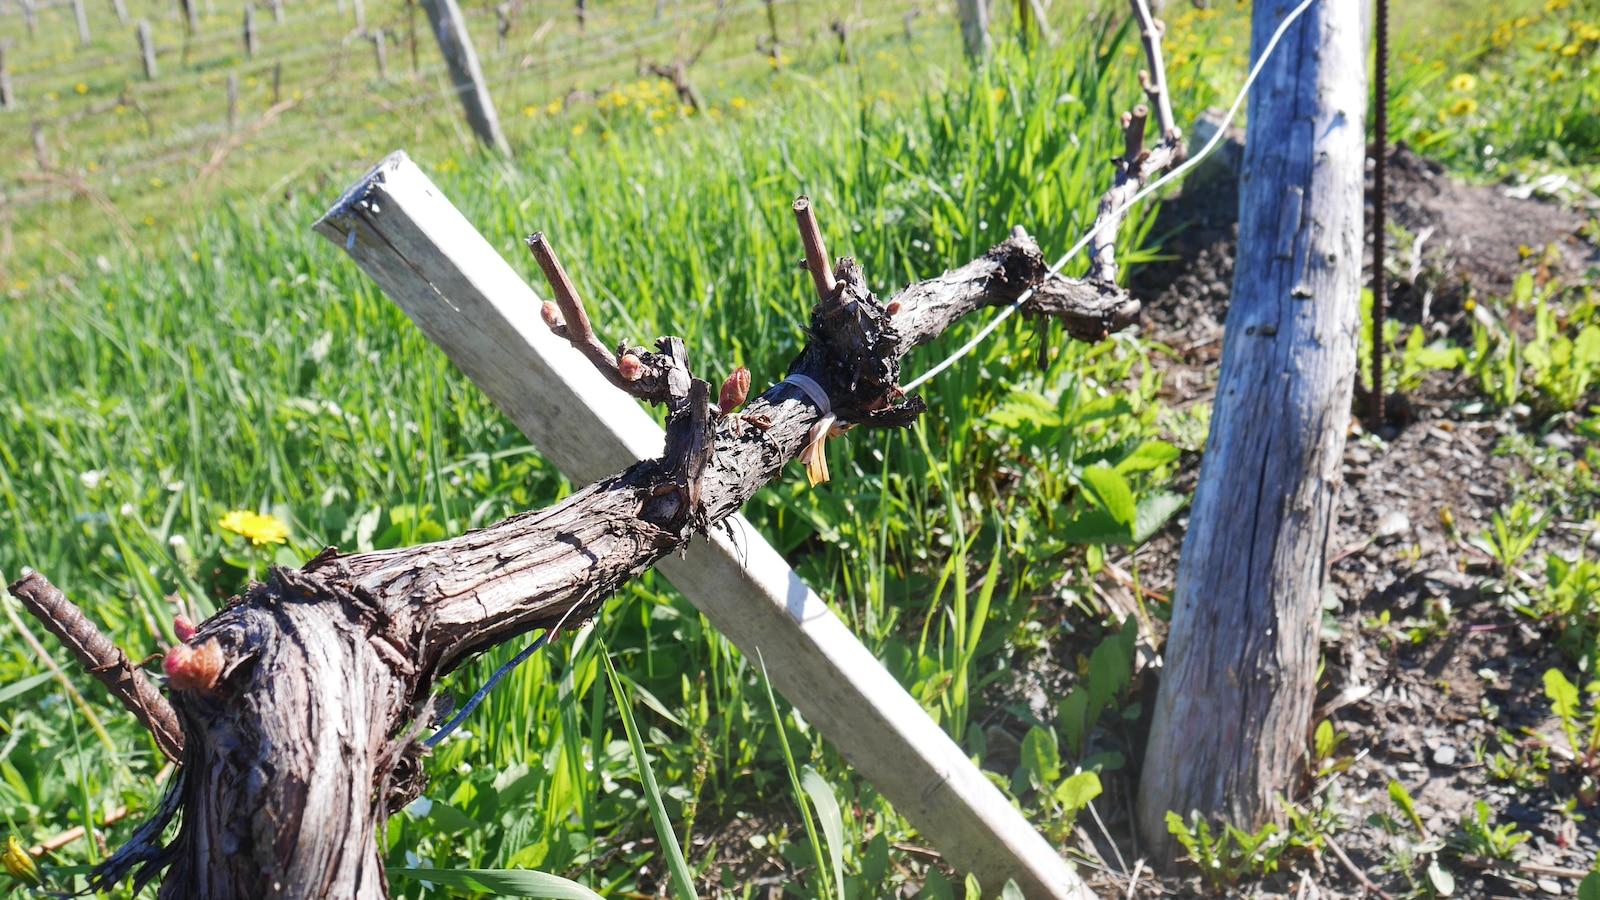 Le principal cépage cultivé au vignoble de Saint-Ulric est le baltica, un cépage hâtif qui paradoxalement répond bien au printemps tardif de la Gaspésie.